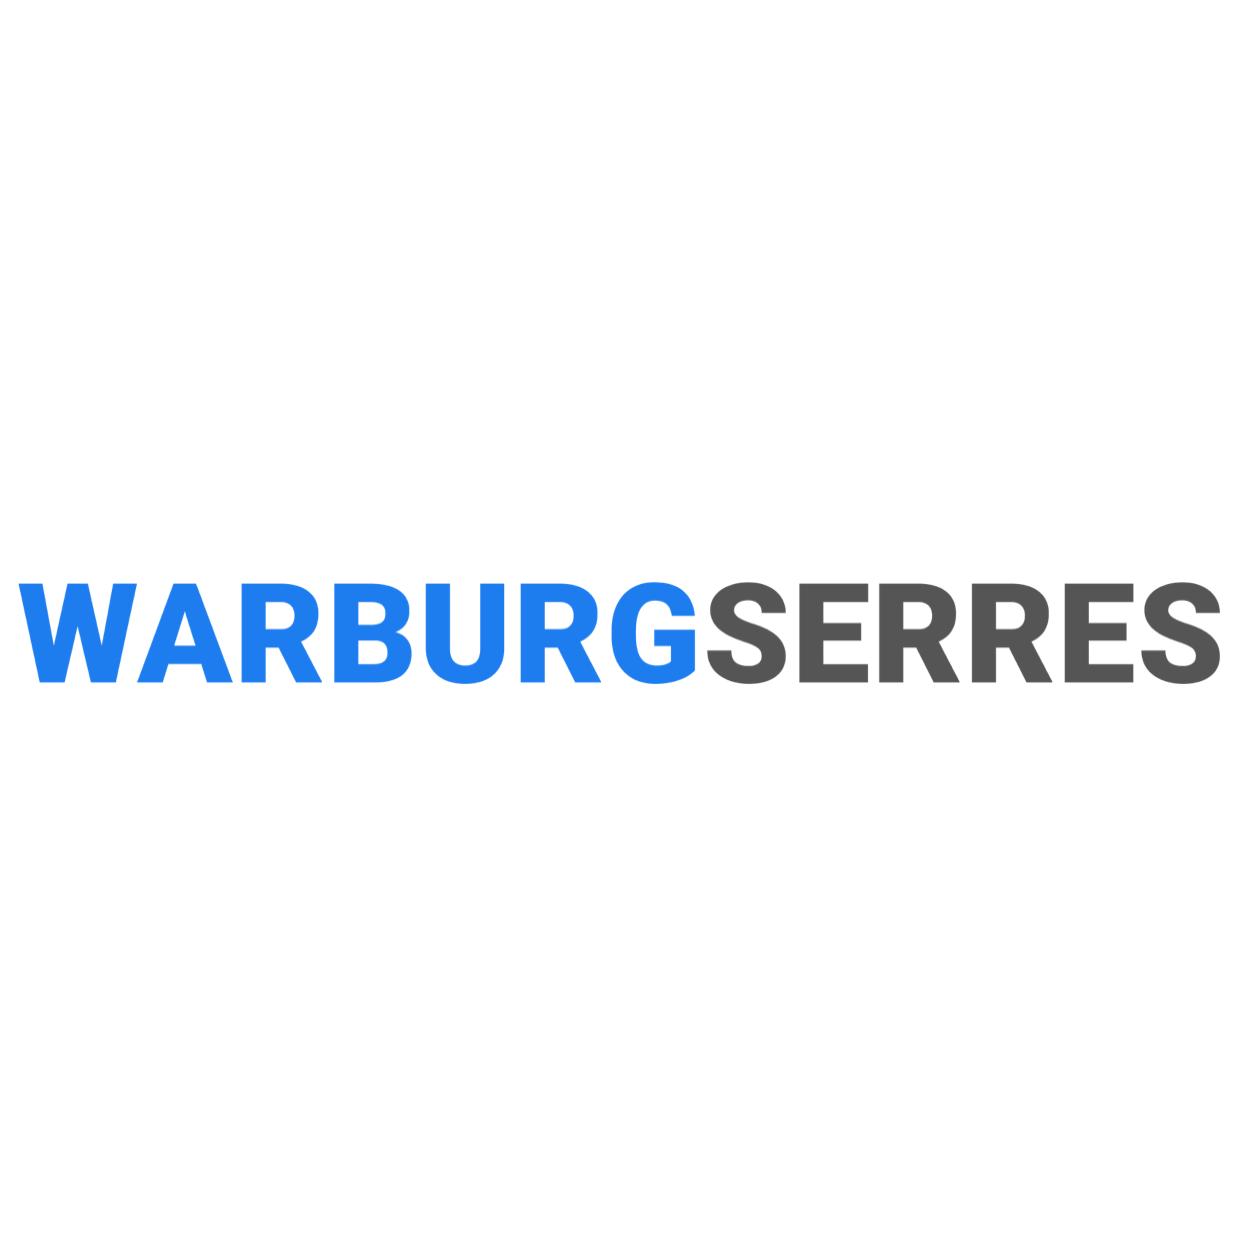 Warburg Serres